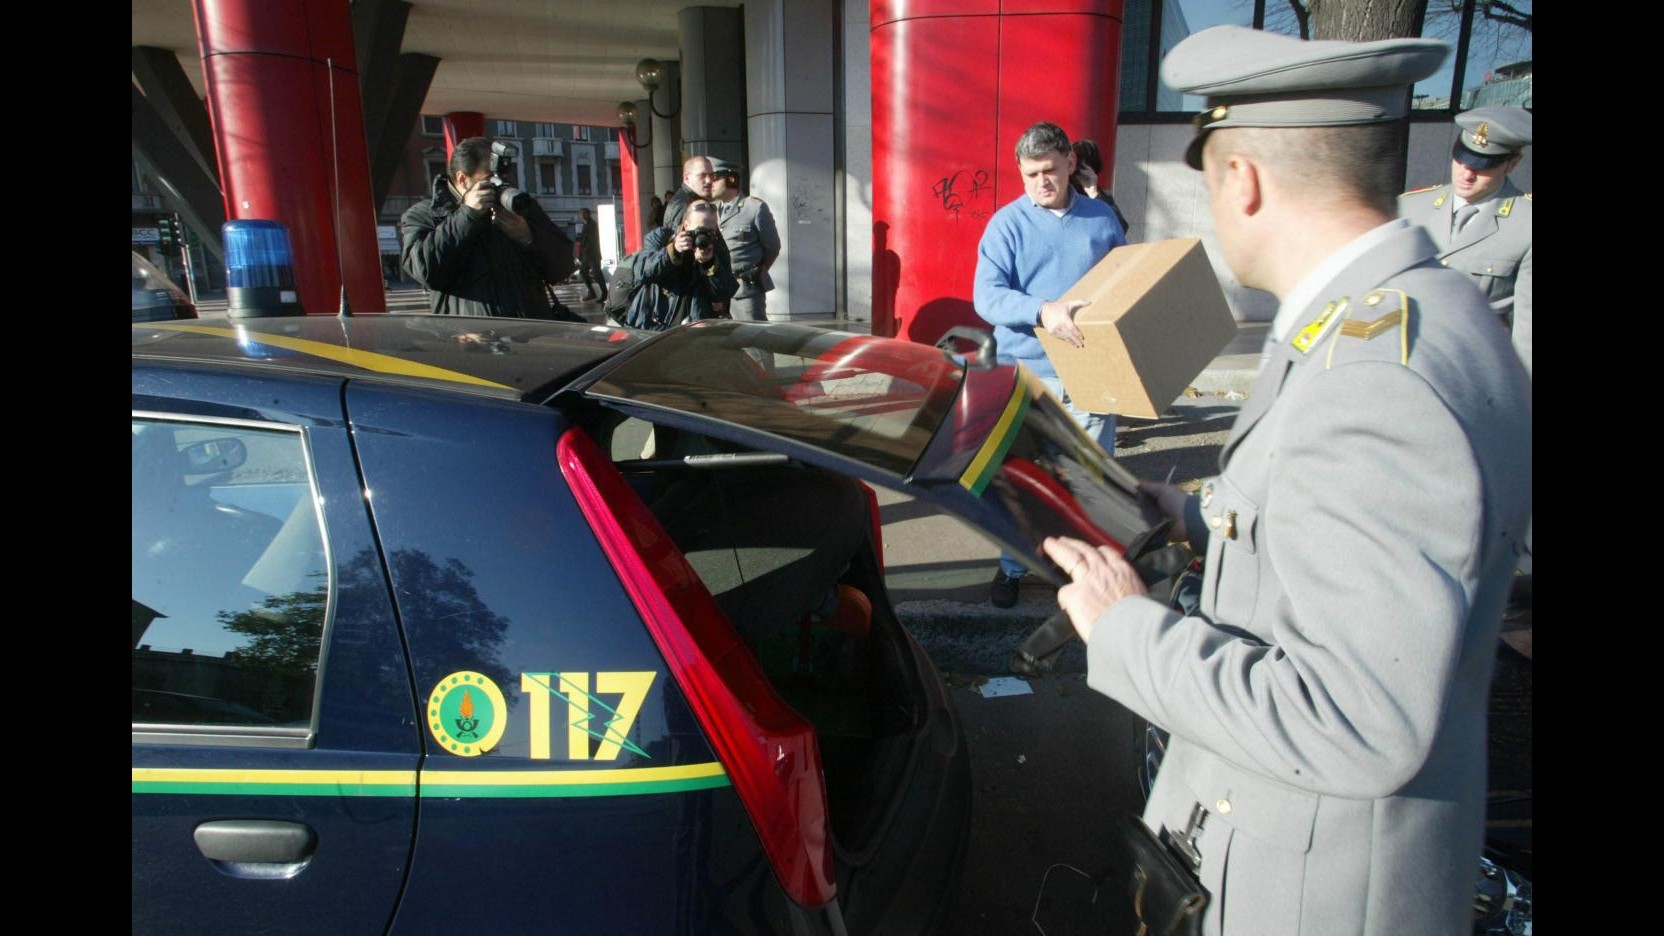 Catanzaro, fatture false: sequestrati beni per oltre 300mila euro